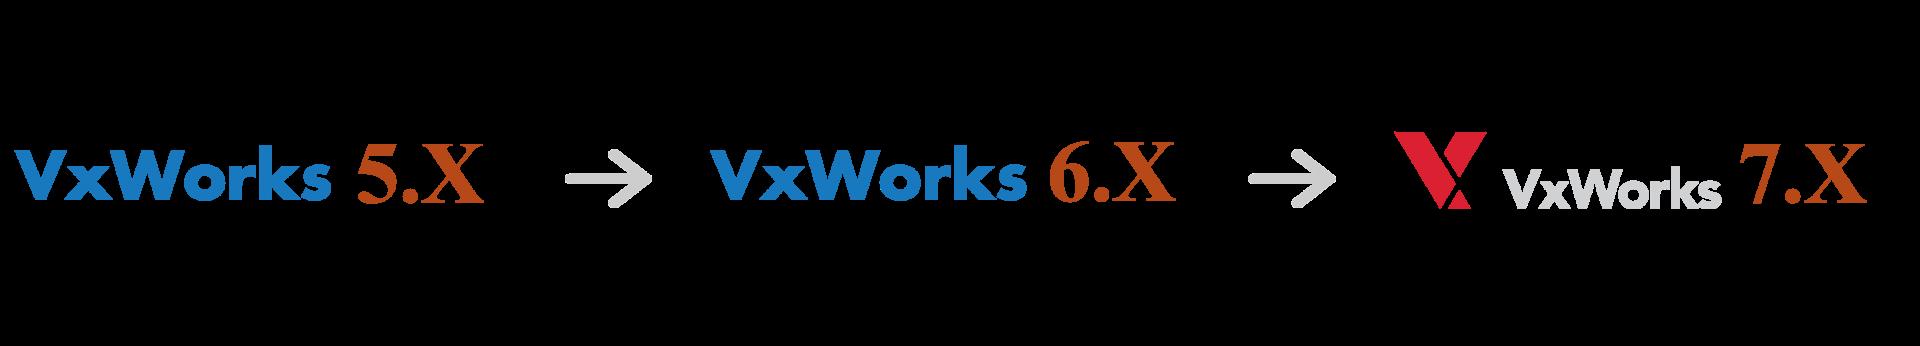 VxWorks Upkit